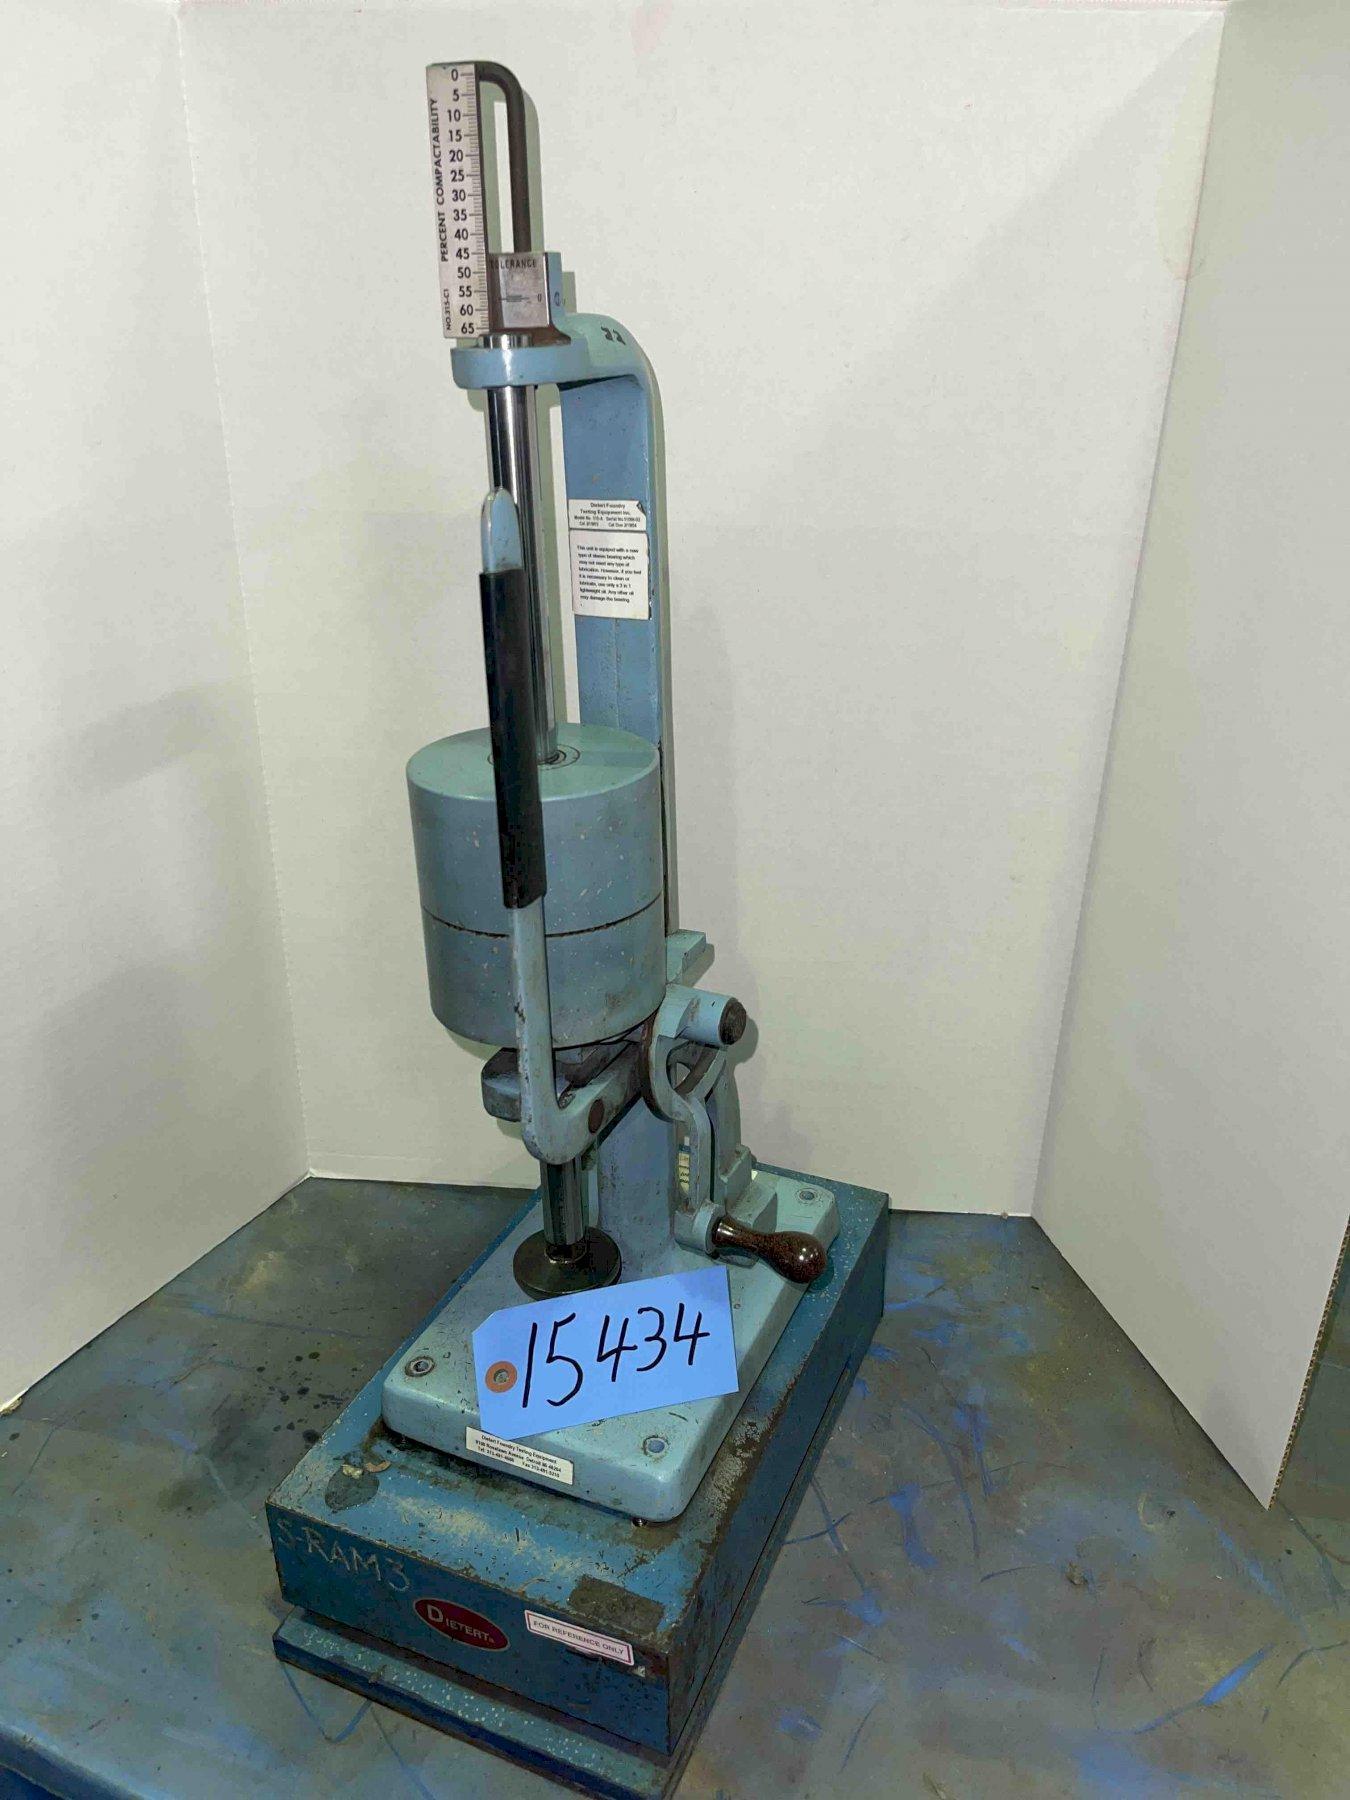 Dietert model 315 sand rammer W/ Base